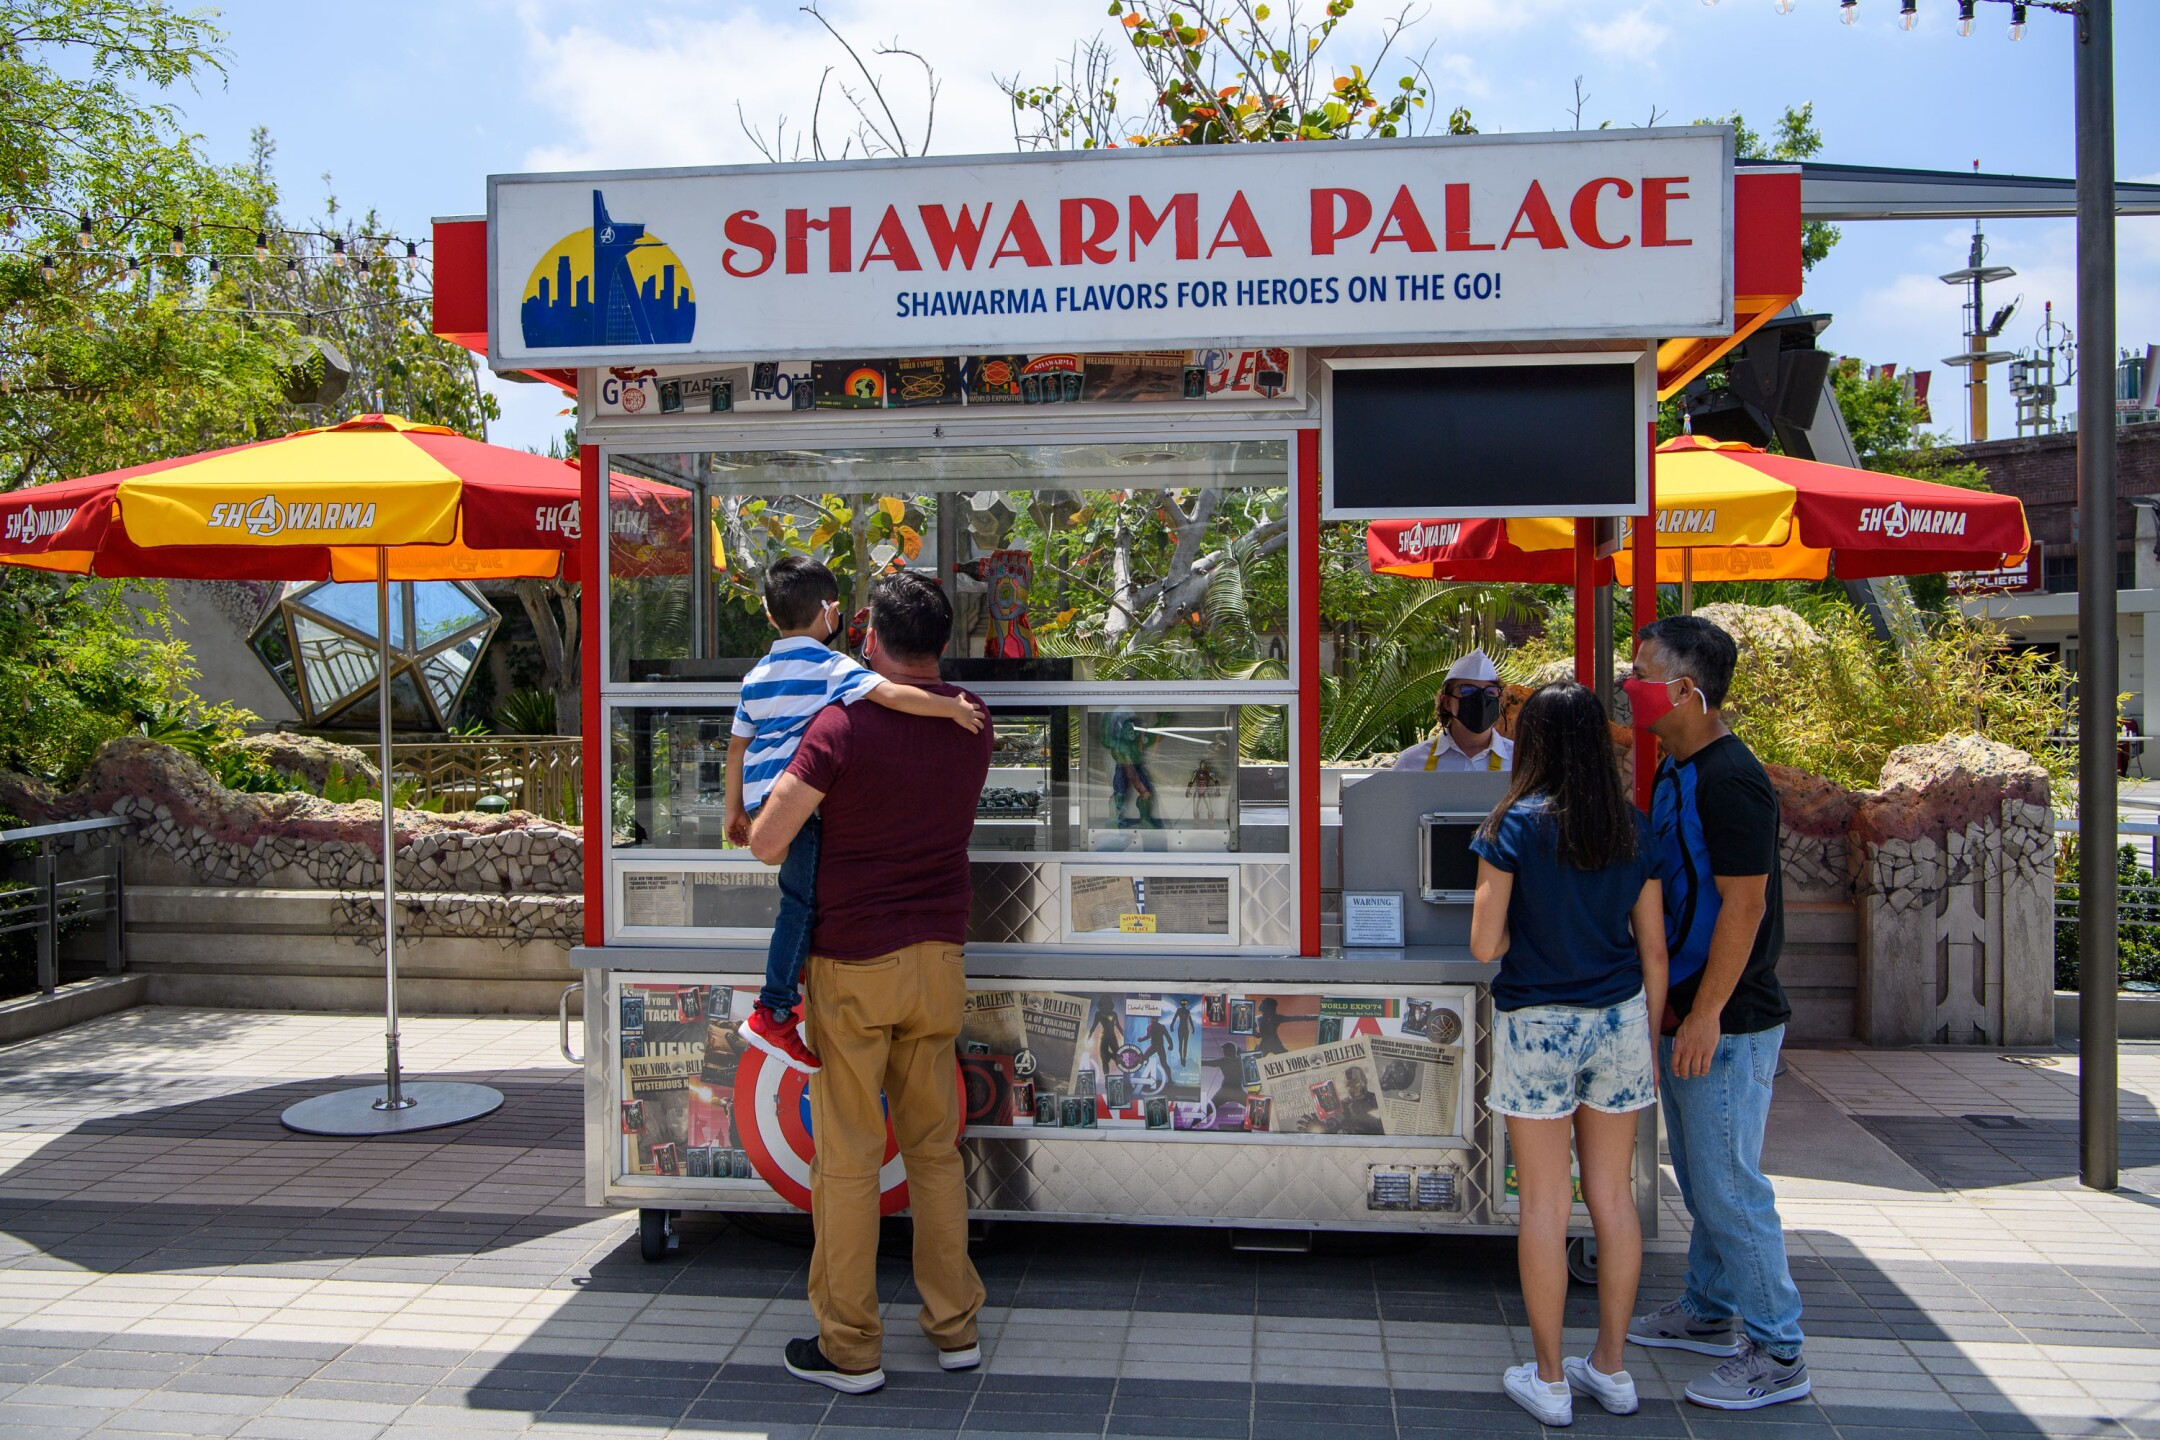 Shawarma Palace at Avengers Campus